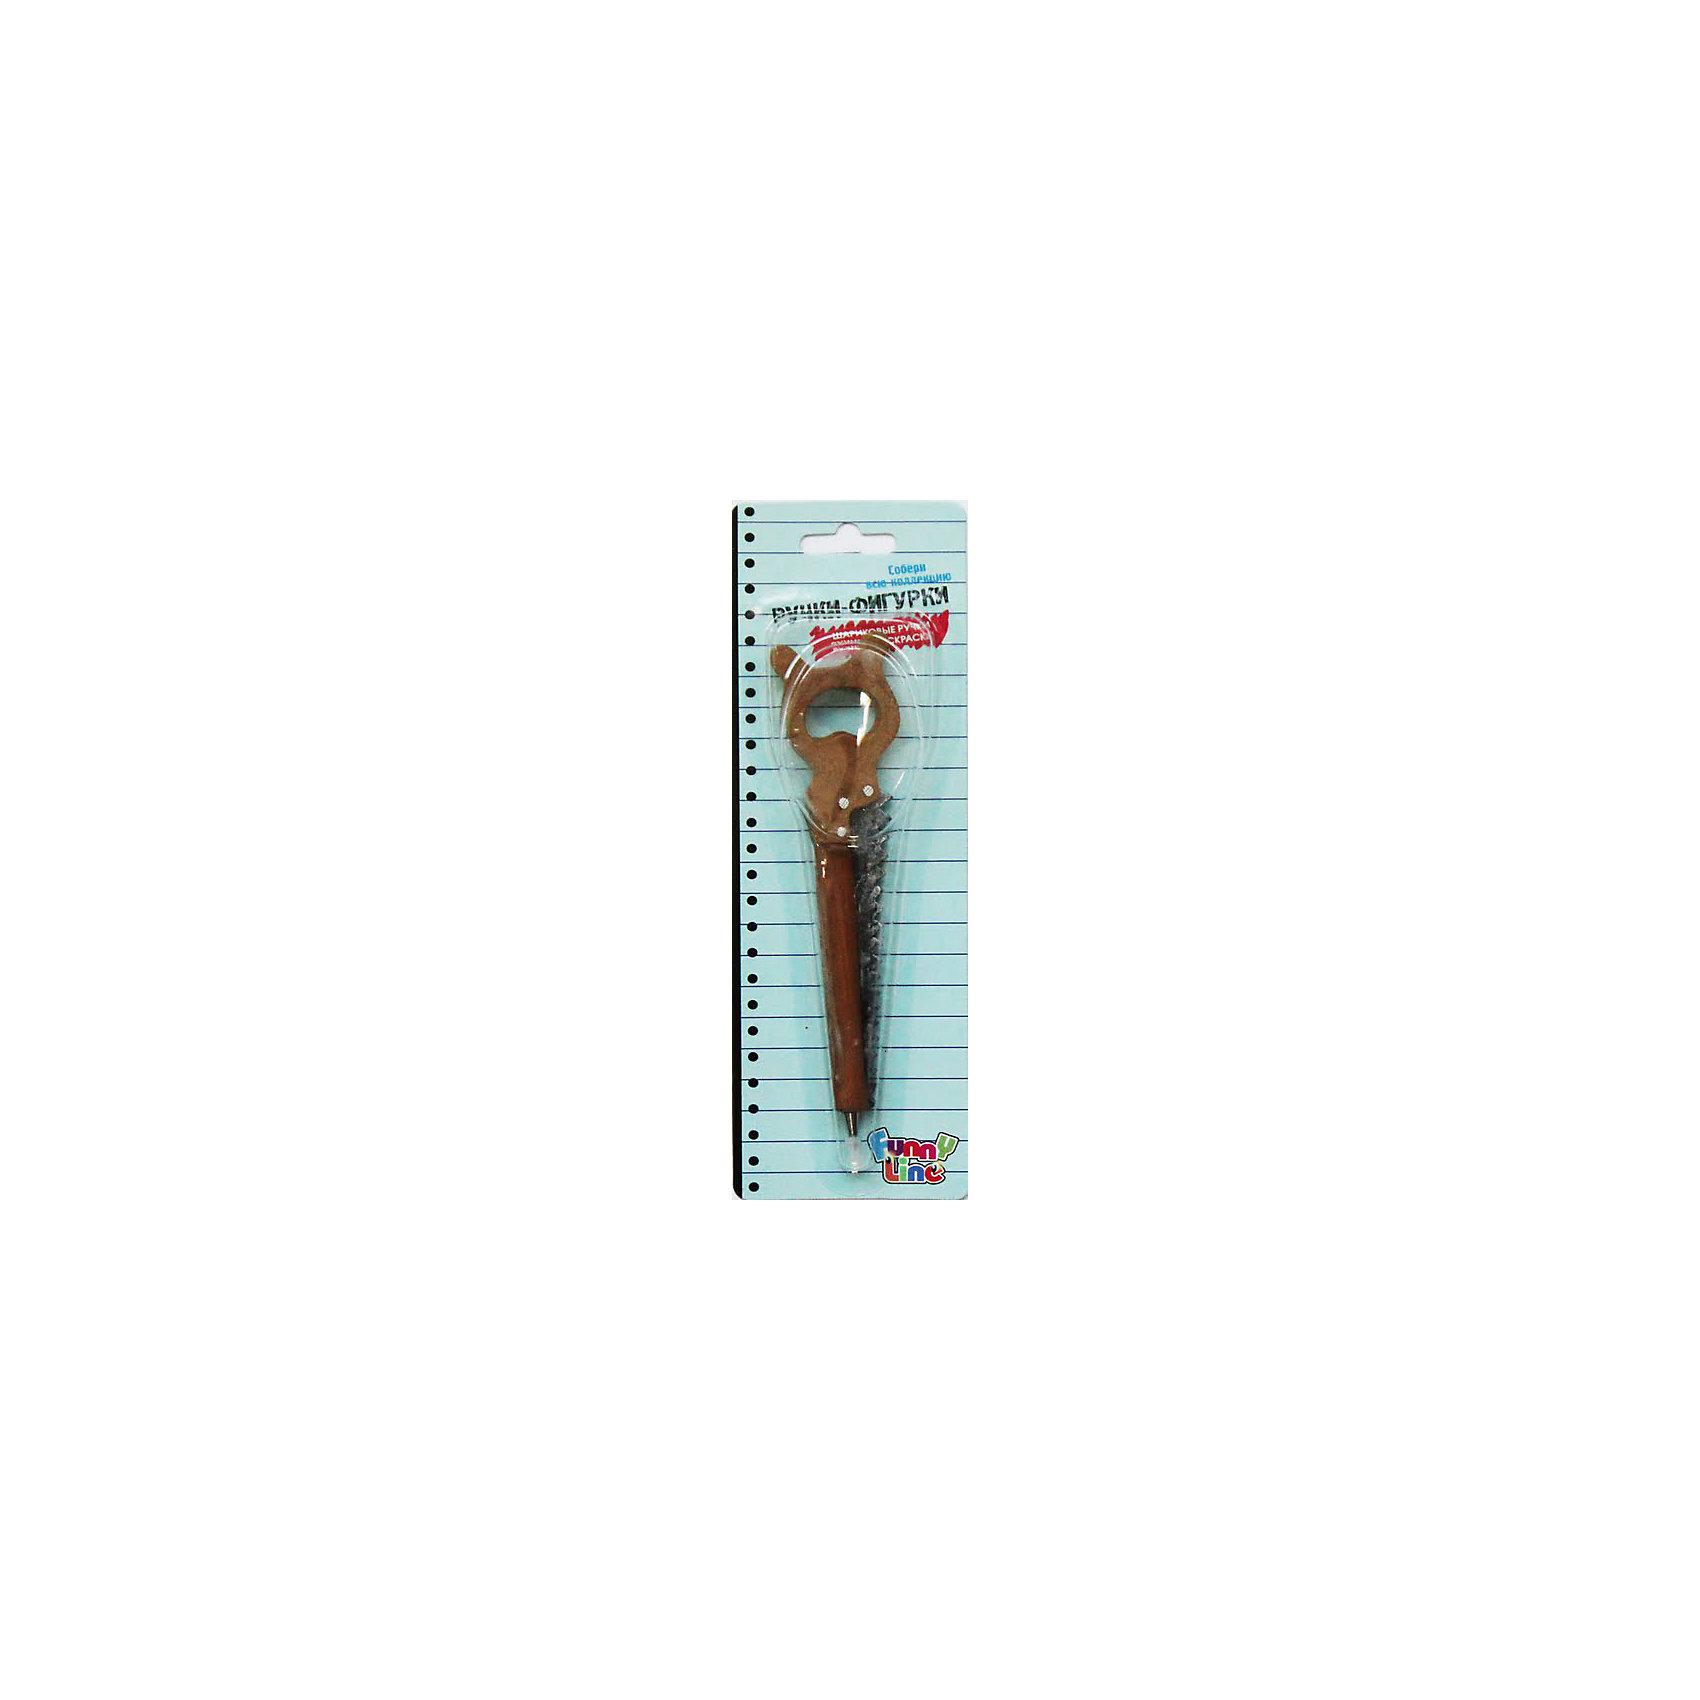 Ручка Инструменты ПилаПисьменные принадлежности<br>Ручка Инструменты Пила<br><br>Характеристики:<br><br>- в набор входит: 1 ручка<br>- состав: пластик <br>- вес: 30 гр.<br>- для детей в возрасте: от 6 до 9 лет<br>- страна производитель: Китай<br><br>Невероятная ручка-фигурка в виде пилы от компании Склад Уникальных Товаров станит отличным подарком для школьников! Яркий цвет и интересный дизайн понравится ребенку, а качественное исполнение и ручная раскраска фигурки привлечет внимание окружающих. Внутри ручки находится шариковый стержень с чернилами темно-синего цвета. Стержень закрывается колпачком под цвет самой ручке. Соберите всю коллекцию фигурок и разнообразьте свой набор канцелярских принадлежностей! <br><br>Ручку Инструменты Пила можно купить в нашем интернет-магазине.<br><br>Ширина мм: 30<br>Глубина мм: 30<br>Высота мм: 170<br>Вес г: 100<br>Возраст от месяцев: 72<br>Возраст до месяцев: 108<br>Пол: Унисекс<br>Возраст: Детский<br>SKU: 5124785